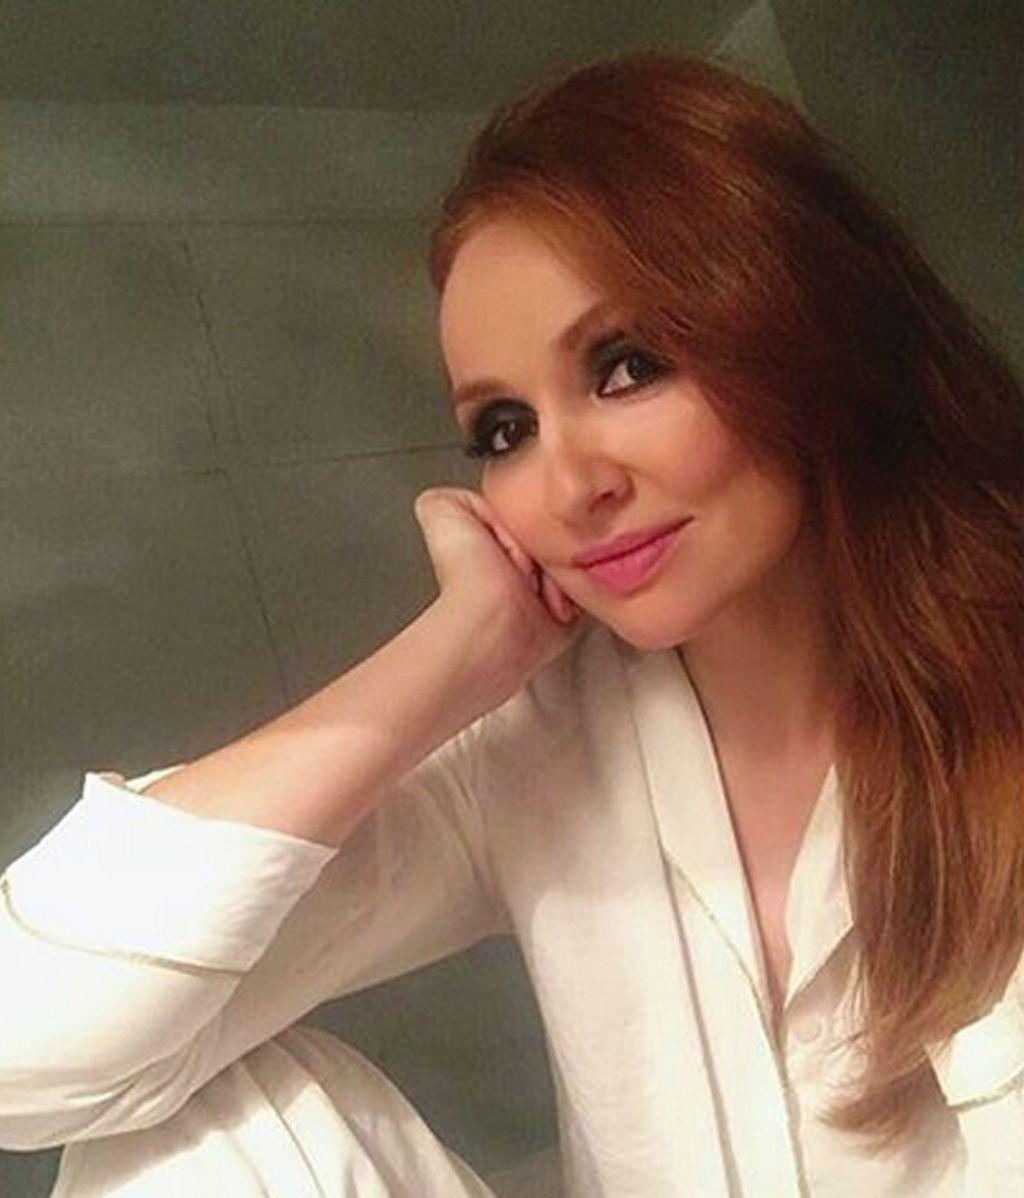 Cristina Castaño se desnuda en Instagram para celebrar sus 700k de seguidores